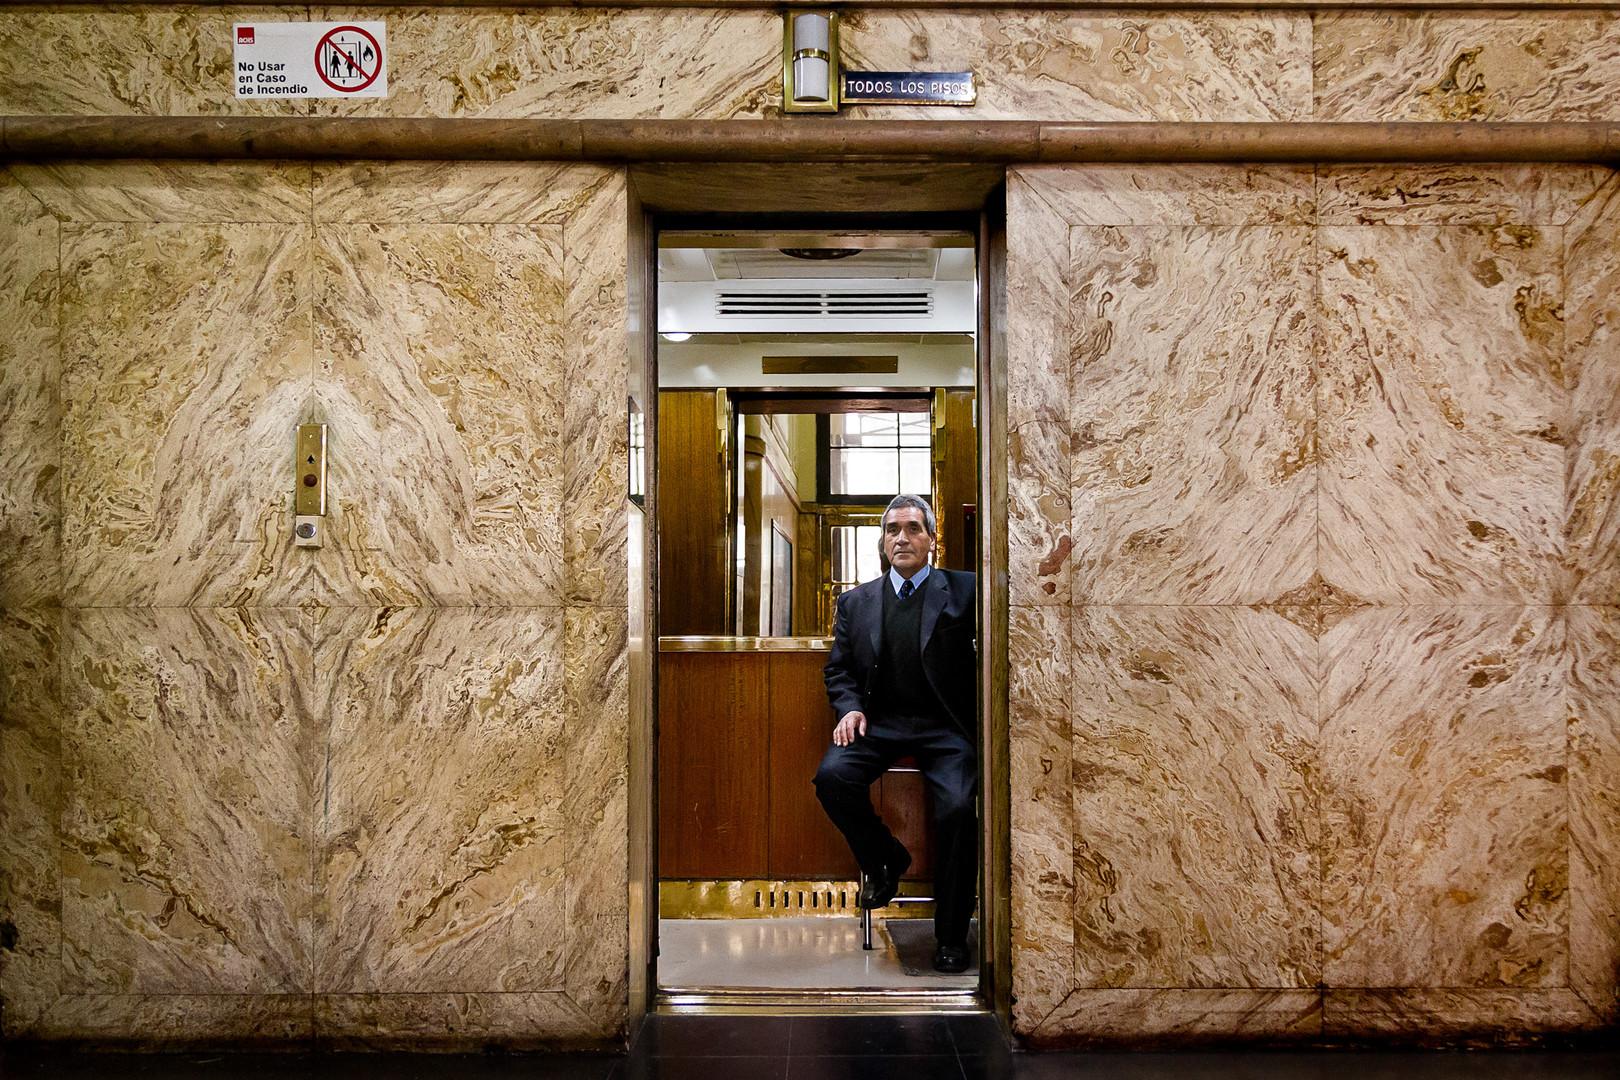 El hombre del ascensor